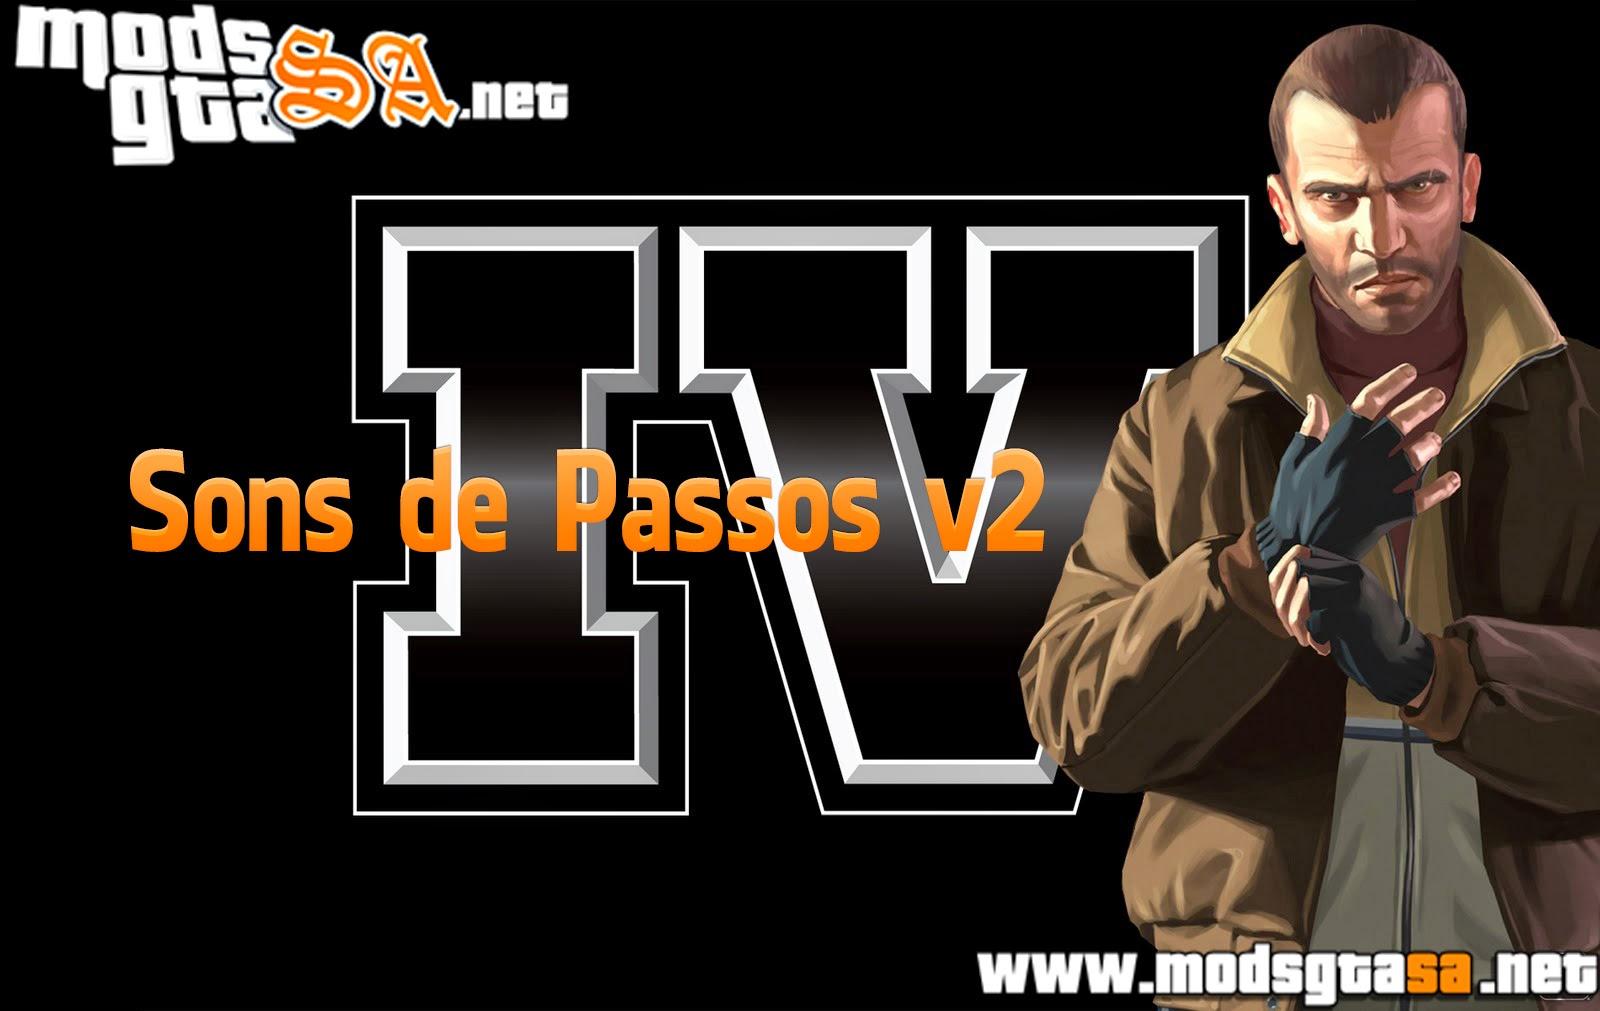 SA - Sons de Passos do GTA IV V2